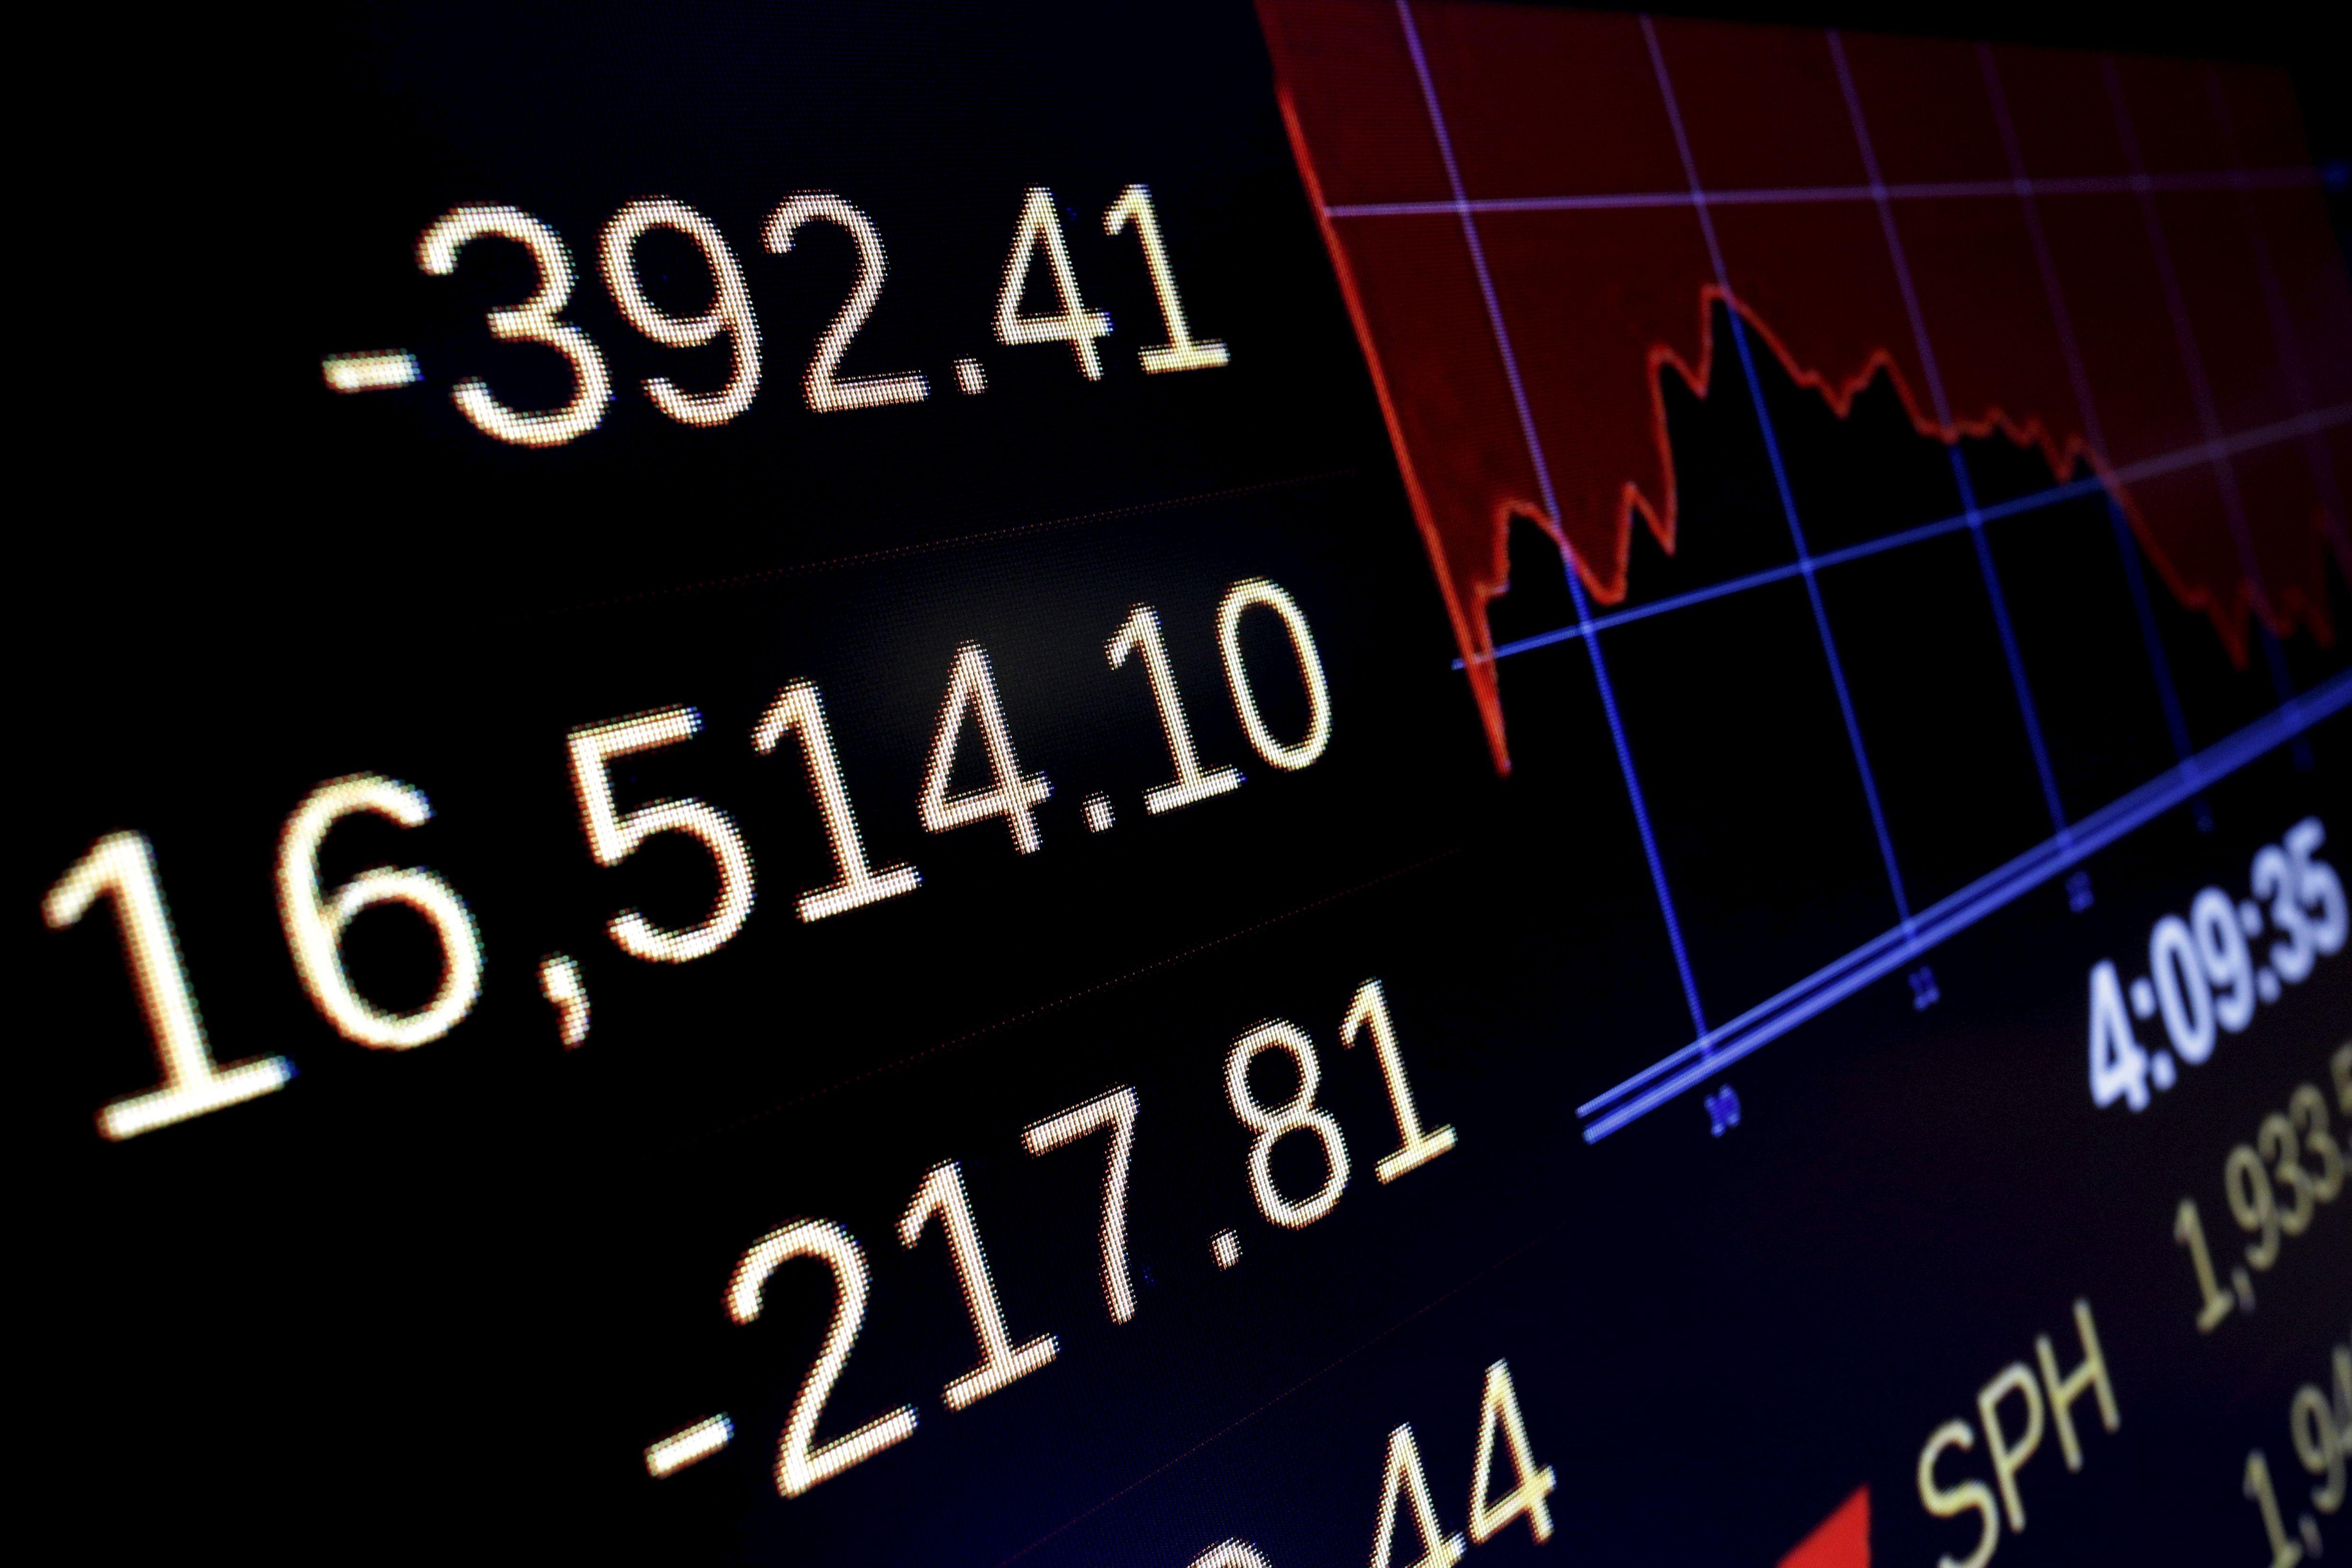 Les marchés ont perdu près de vingt pour cent par rapport au plus haut enregistré à la fin de l'an dernier.